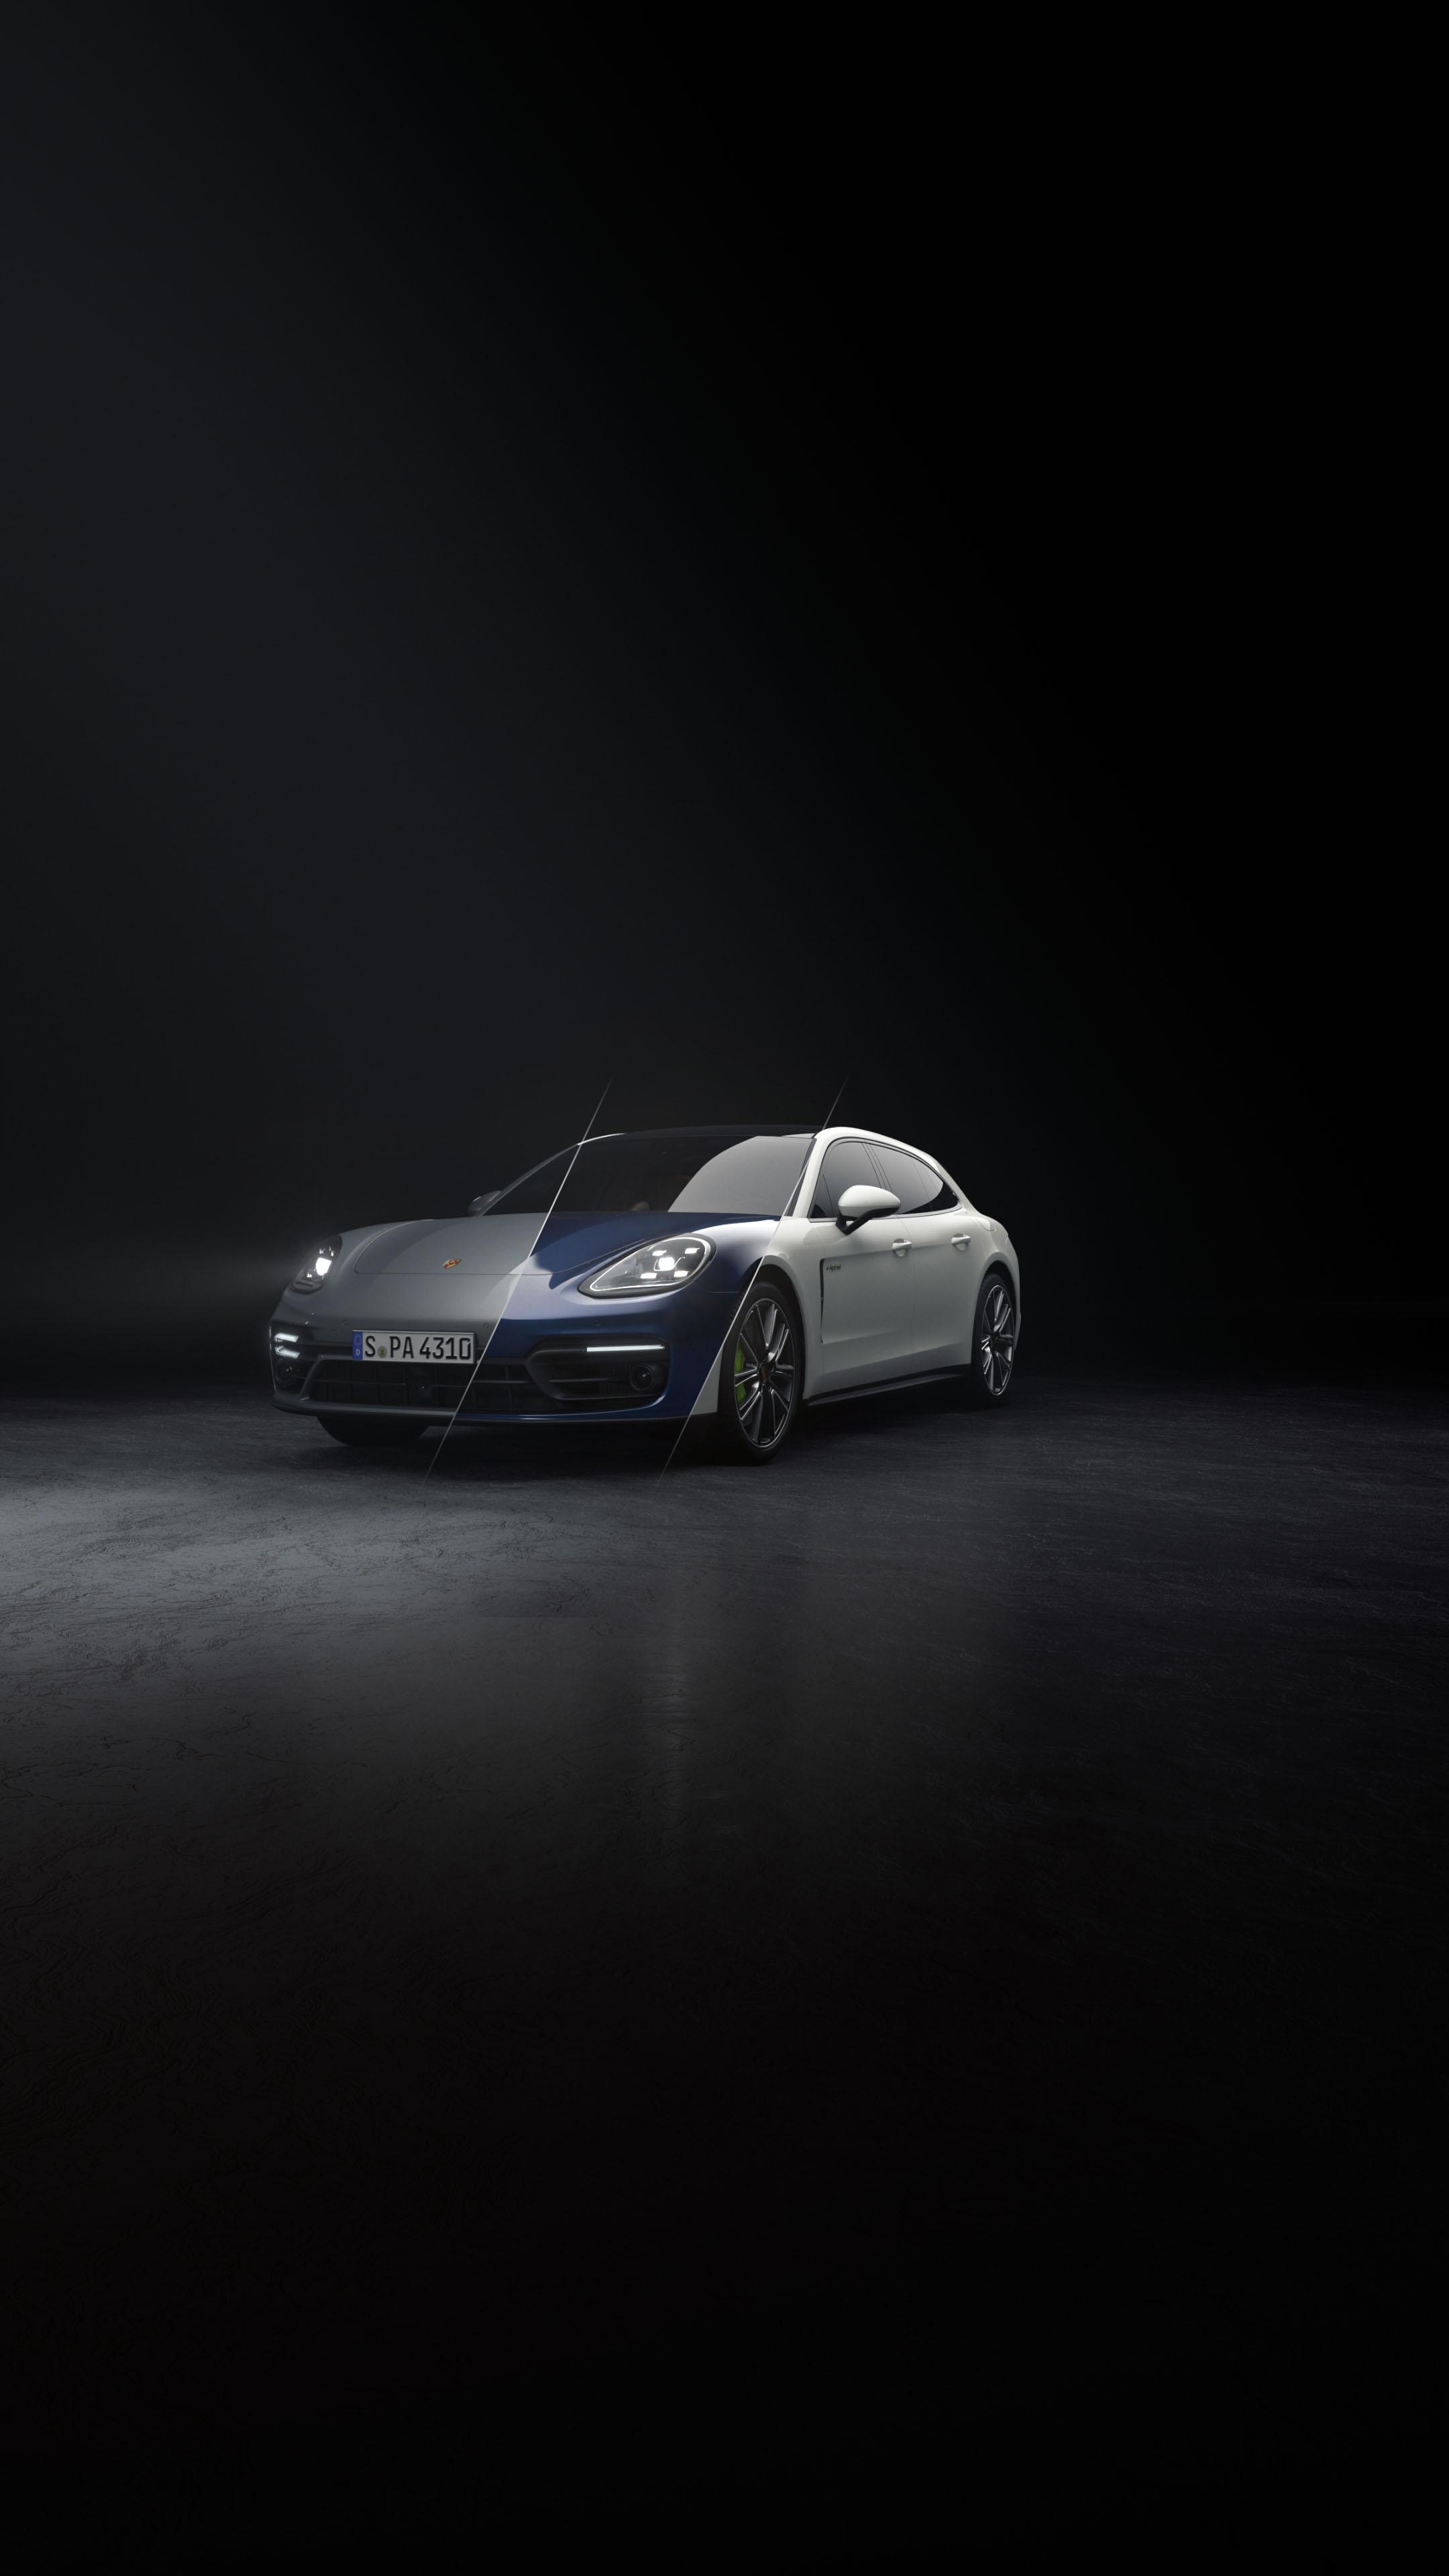 Porsche - Exterior